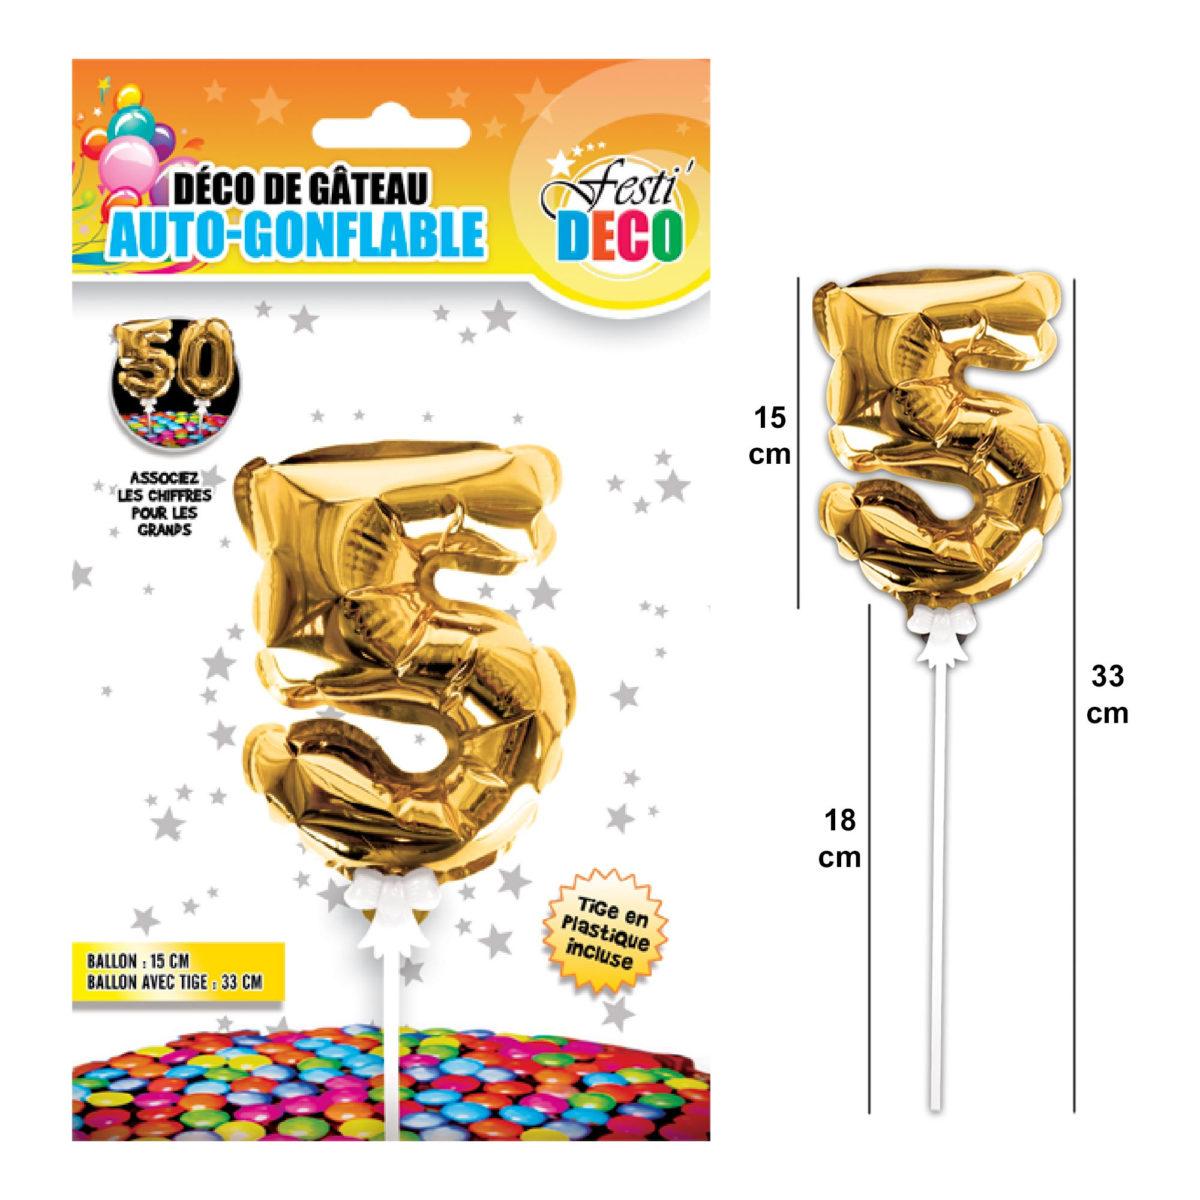 Festivitré Deco 3 Gateaux Bougie 5 Ballon 1